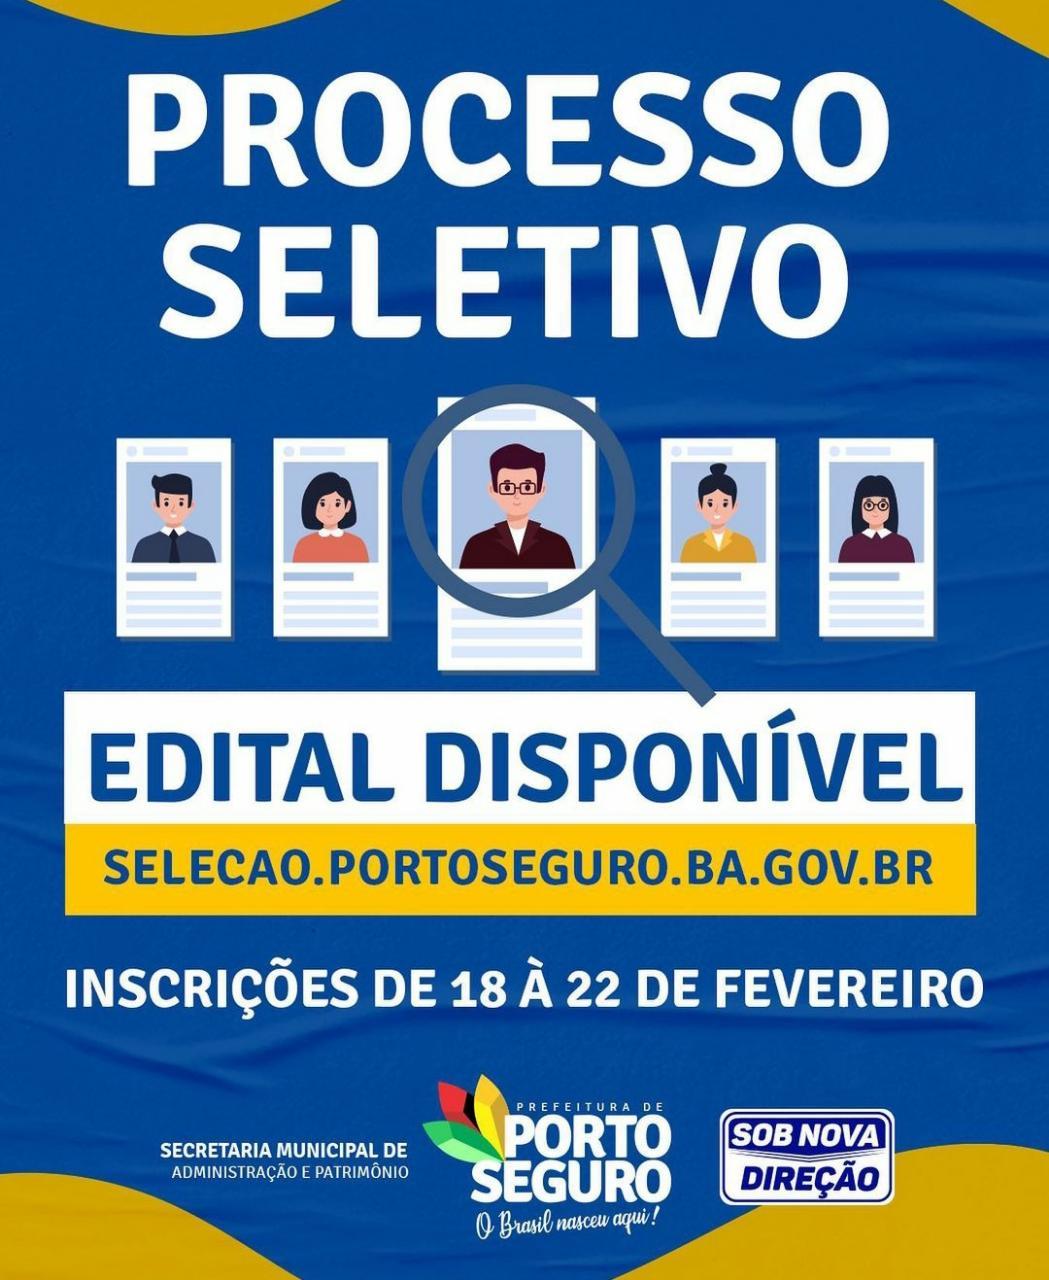 Prefeitura de Porto Seguro, abre Processos Seletivos com disponibilidade de 1406 vagas em diversas áreas 18